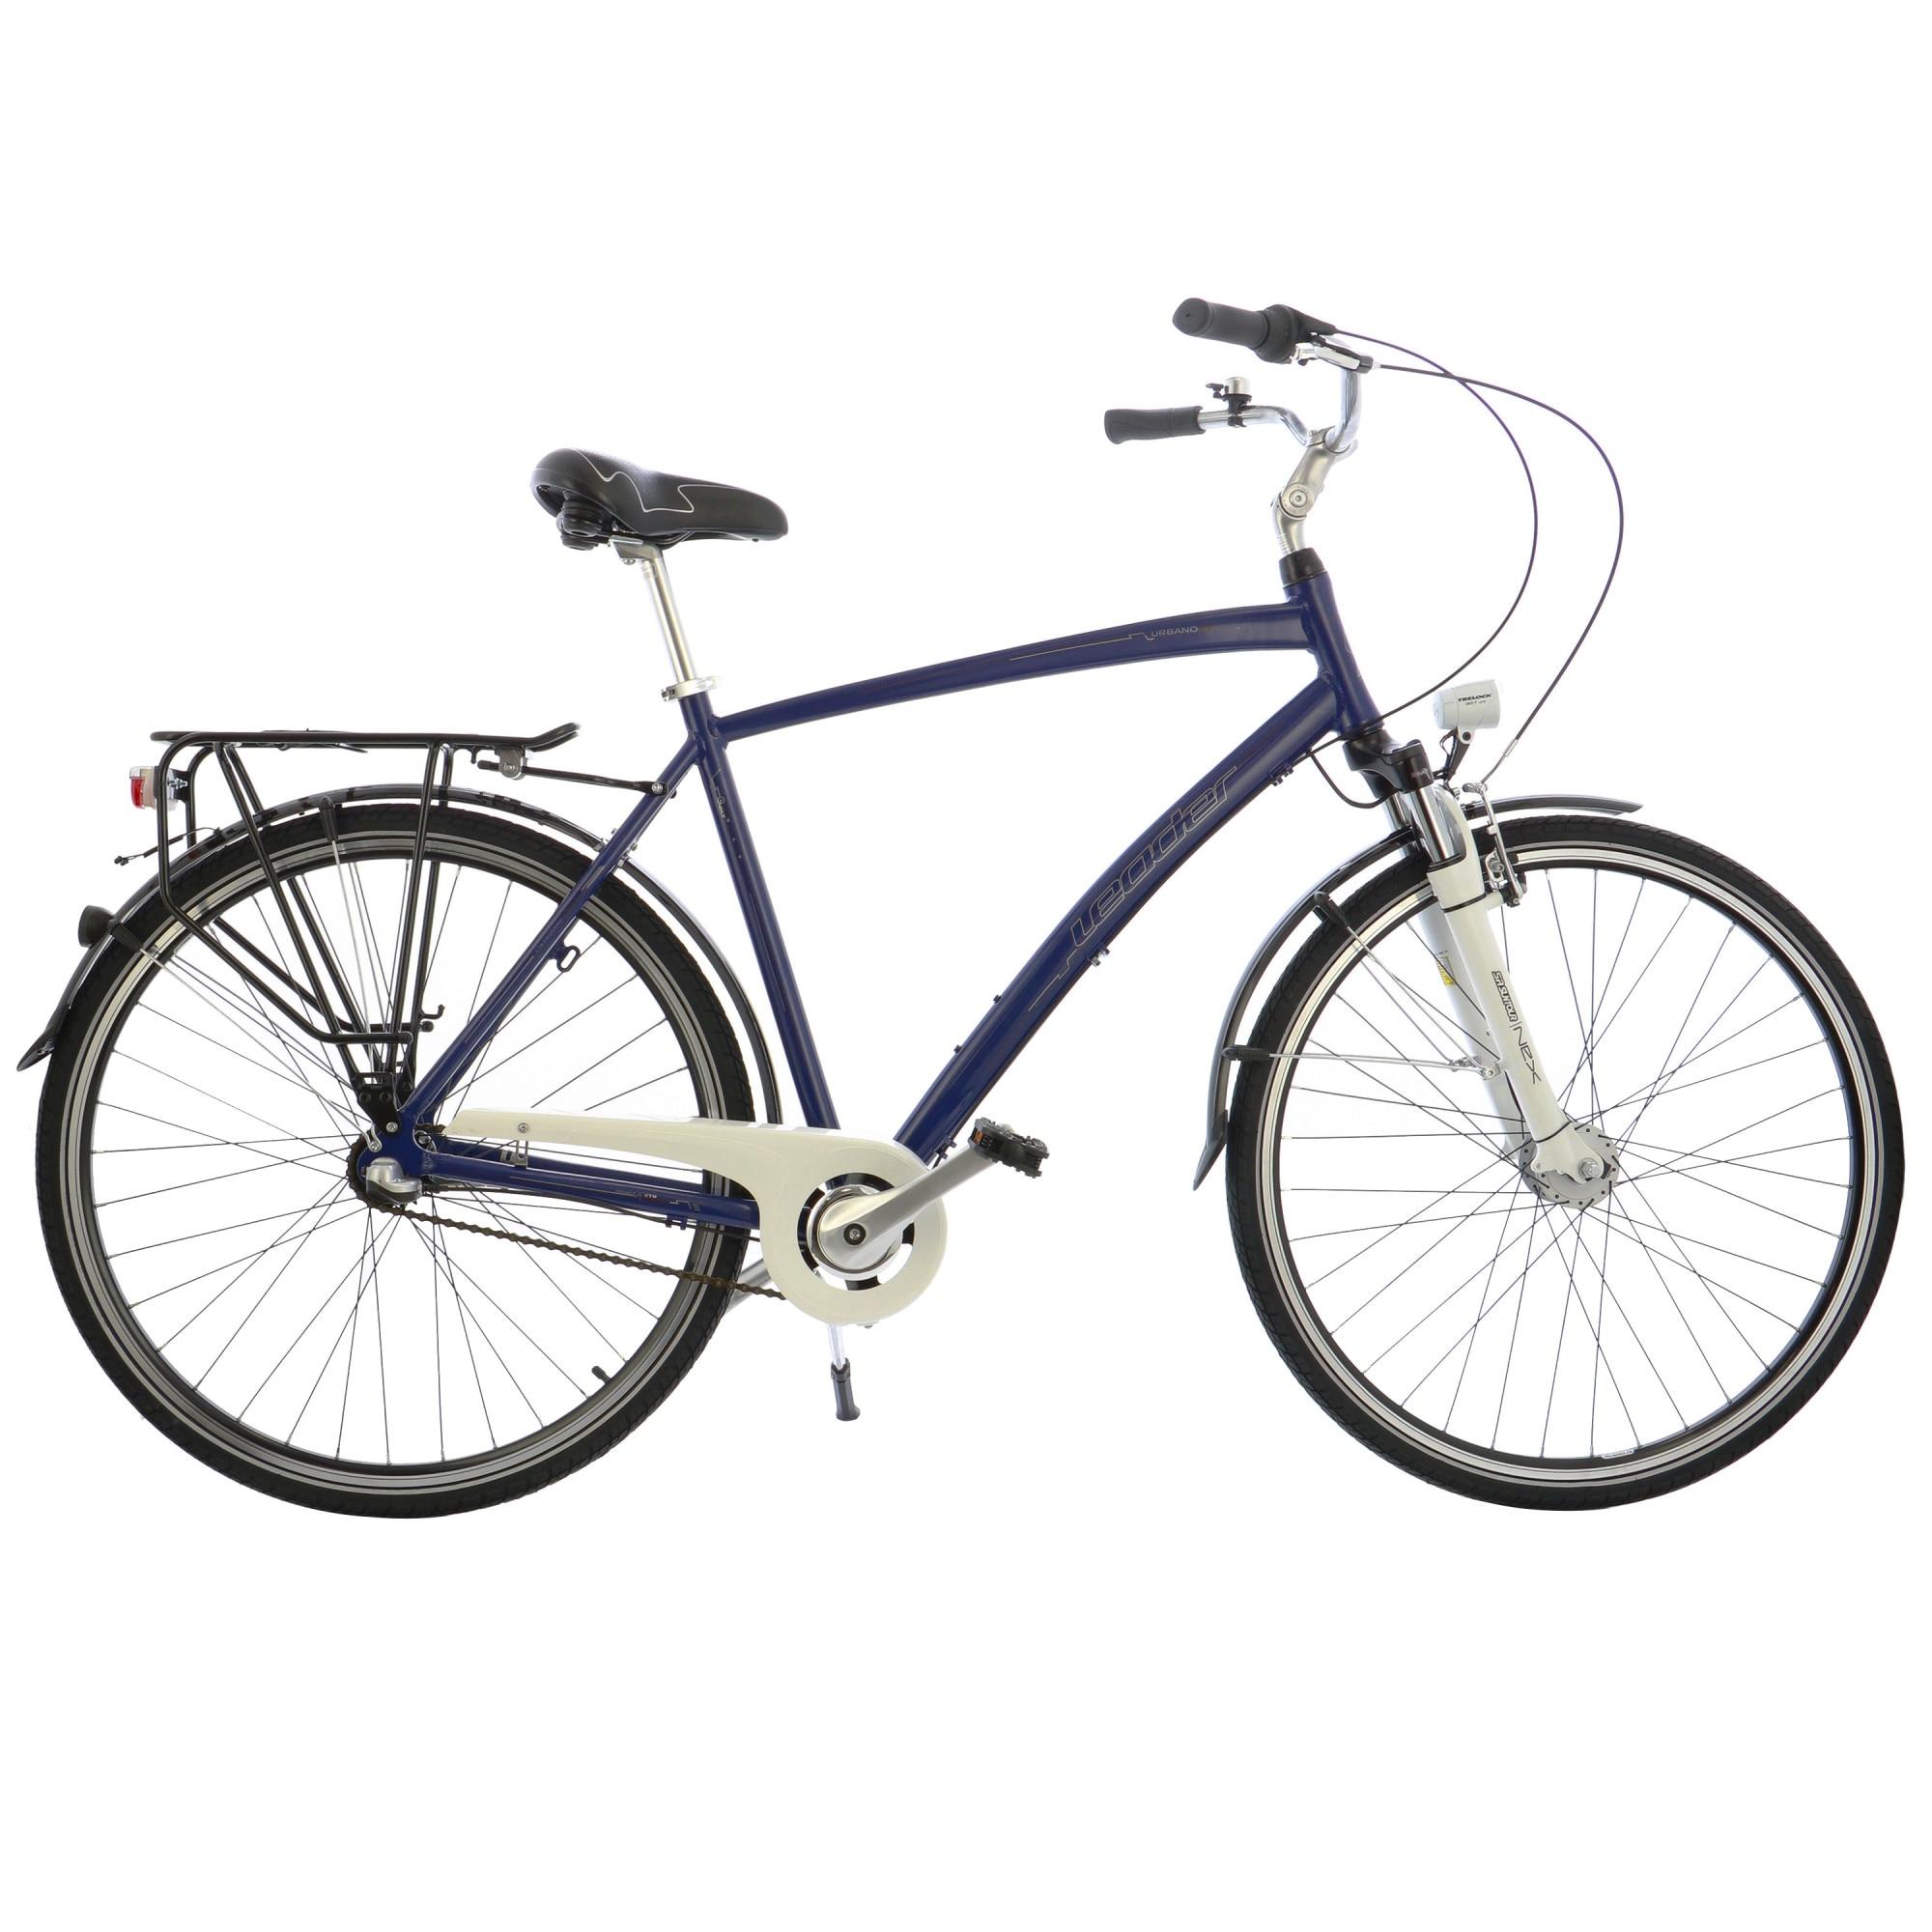 """Fotografie Bicicleta City 28"""" Leader Leader M Shimano NX 3v, furca Suntour, cadru AL, 56cm, Blue"""